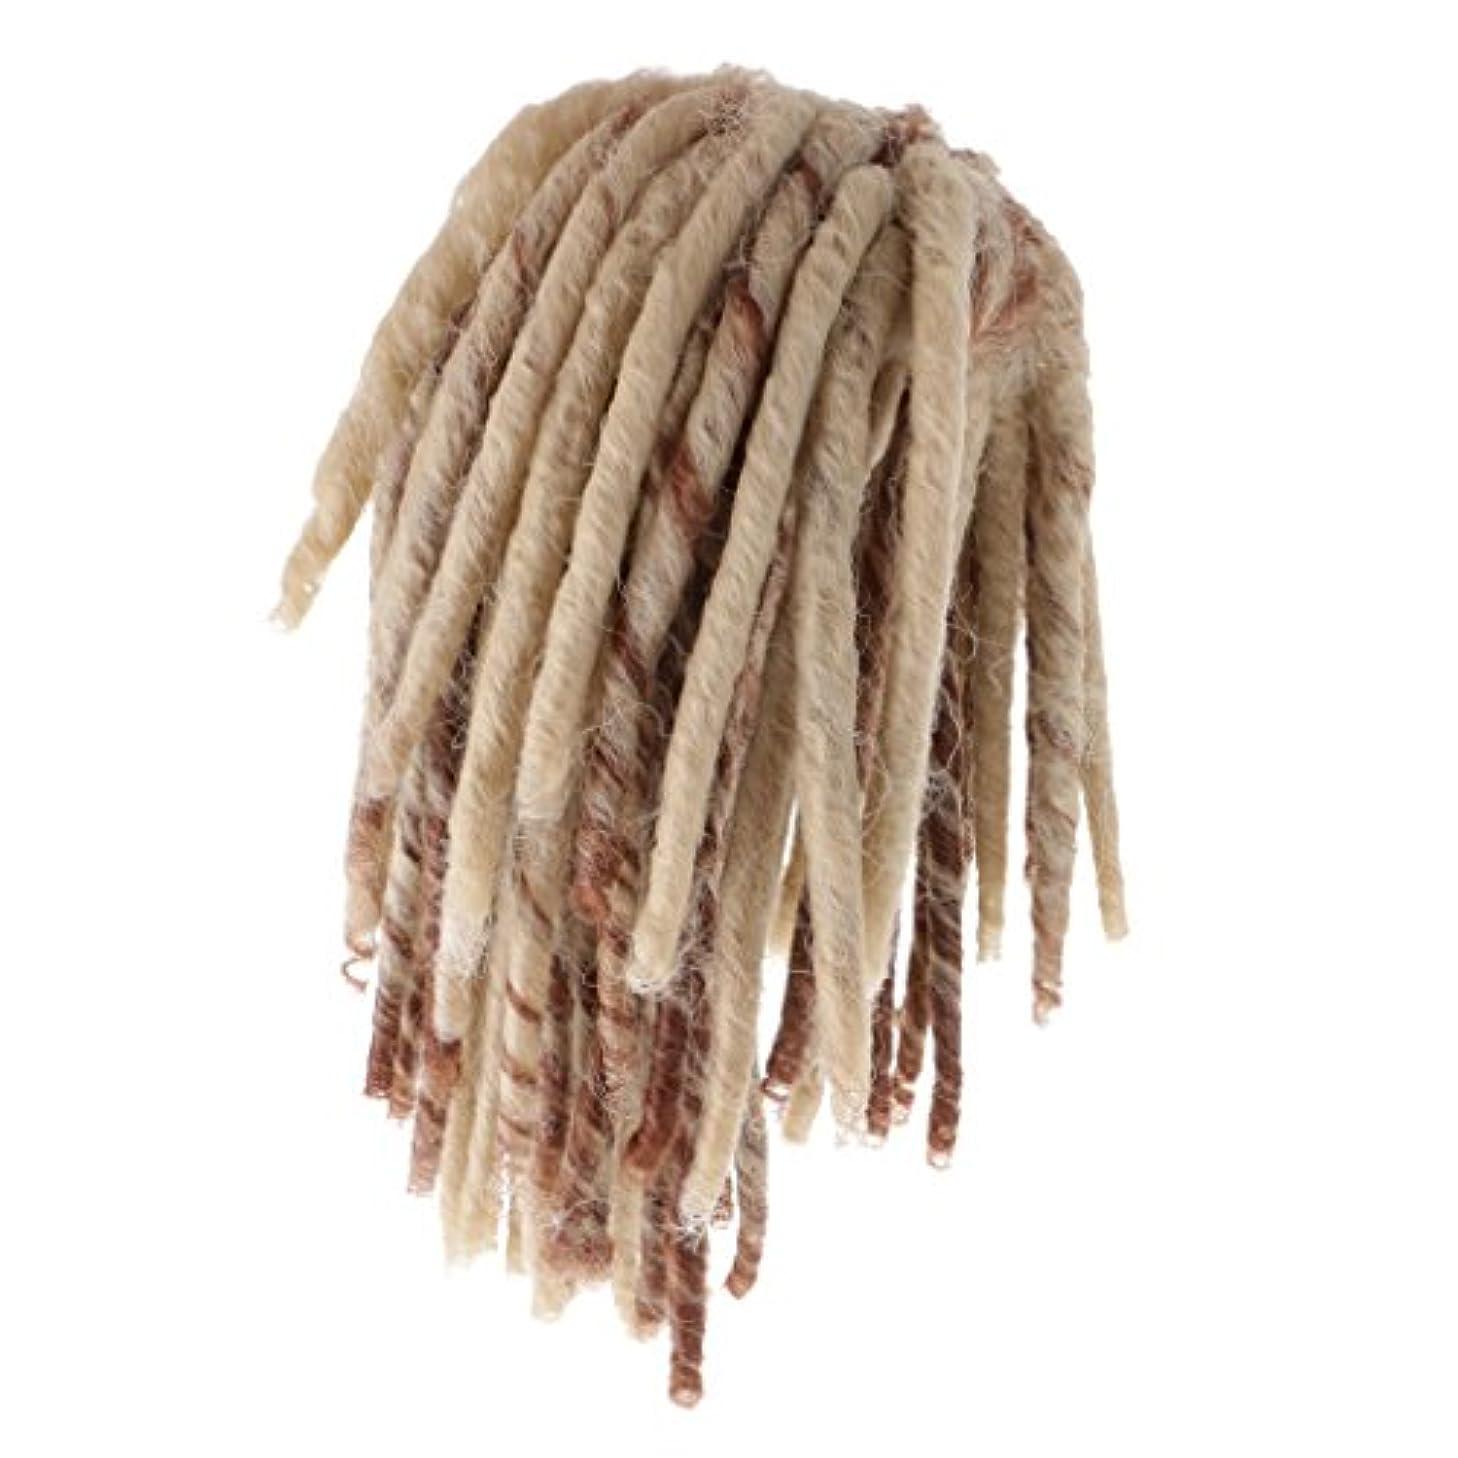 一回不快一節Dovewill 人形用ウィッグ  ドレッドかつら  カーリー かつら  髪 ヘア 18インチドール用  DIY修理用品  全2色  - ブラウン